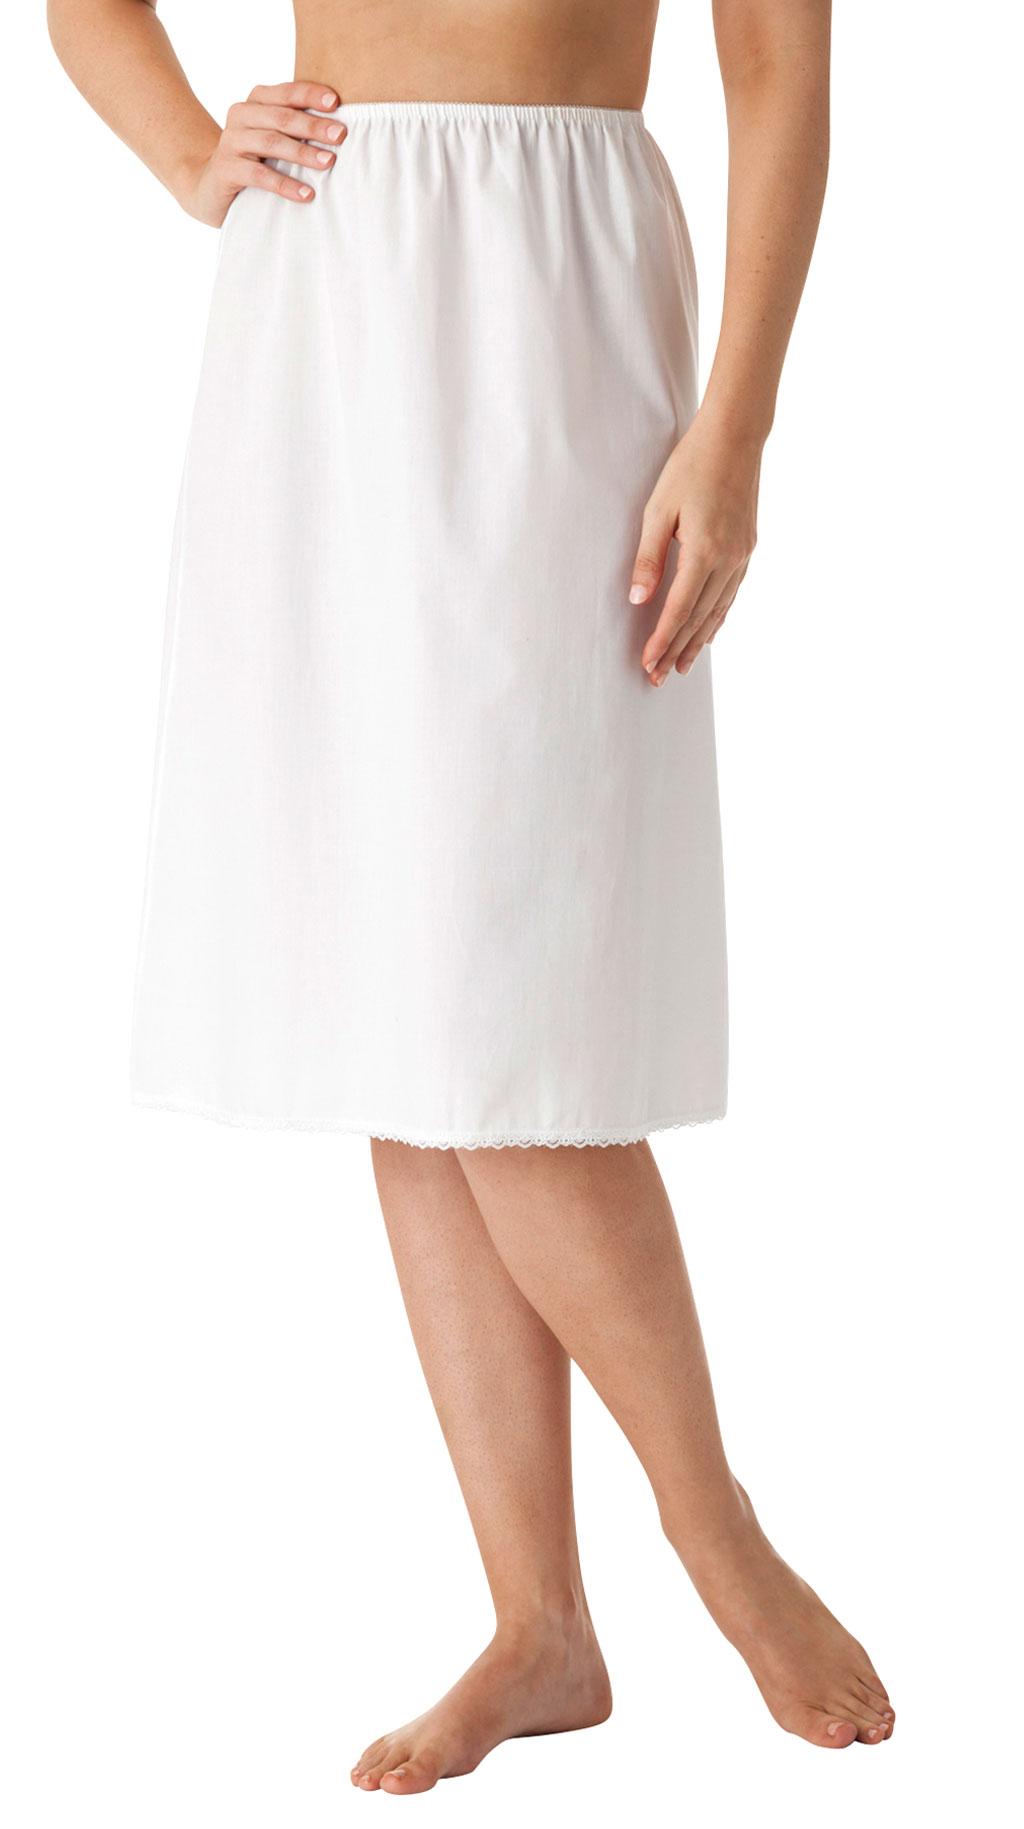 Velrose® Cotton Skirt Slip